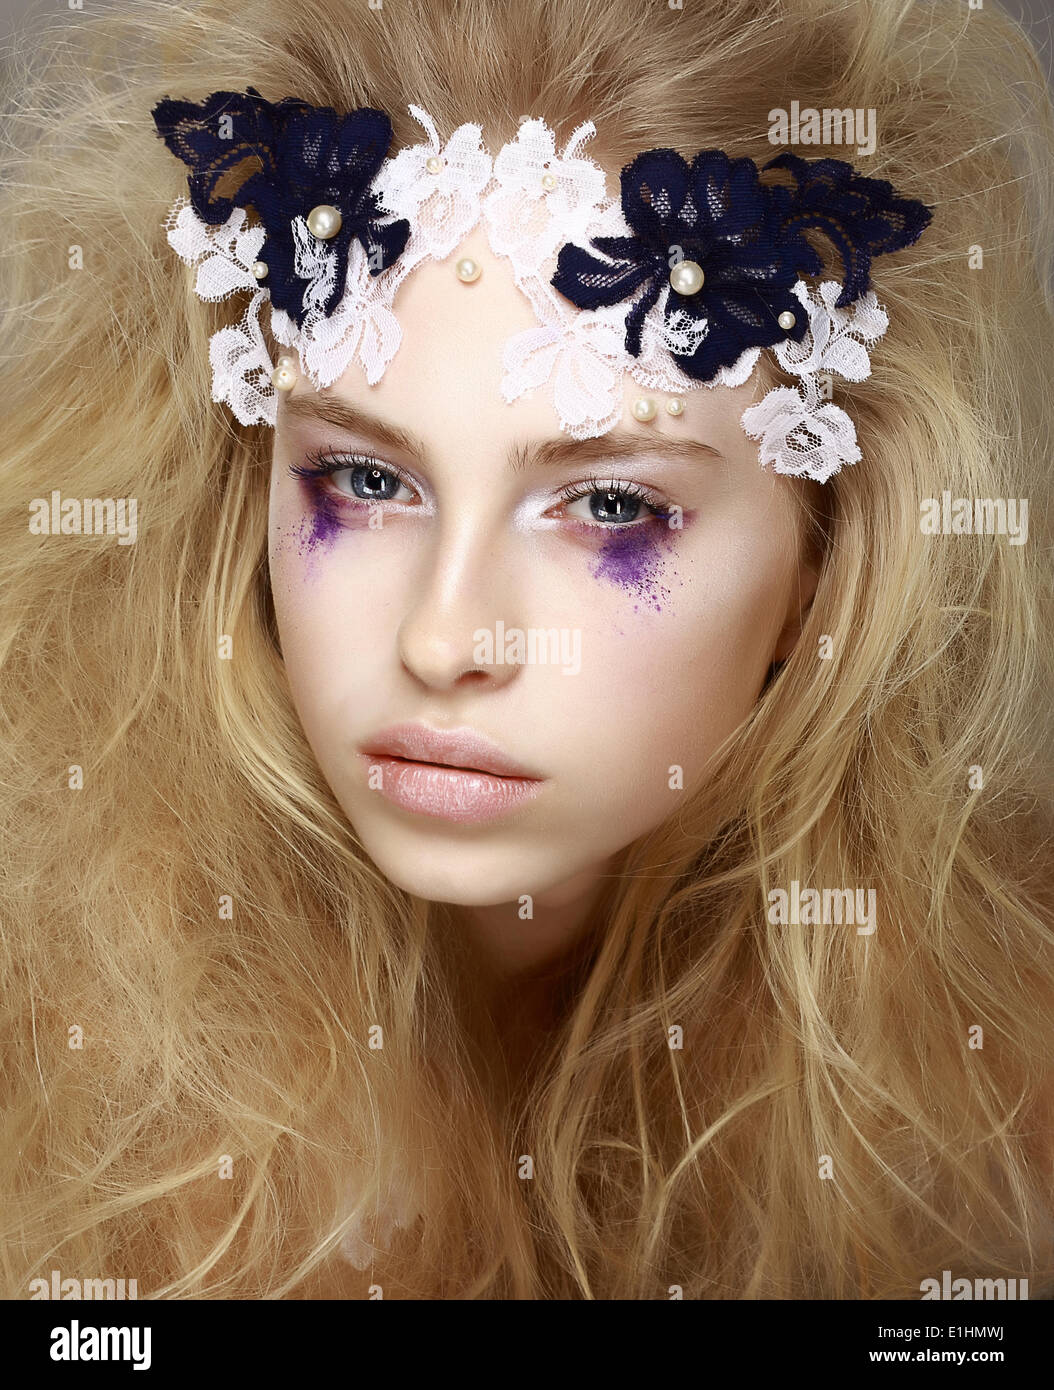 Coloring. Brightly Painted Woman's Skin - Blue Eyeshadow. Meekness. Tenderness - Stock Image